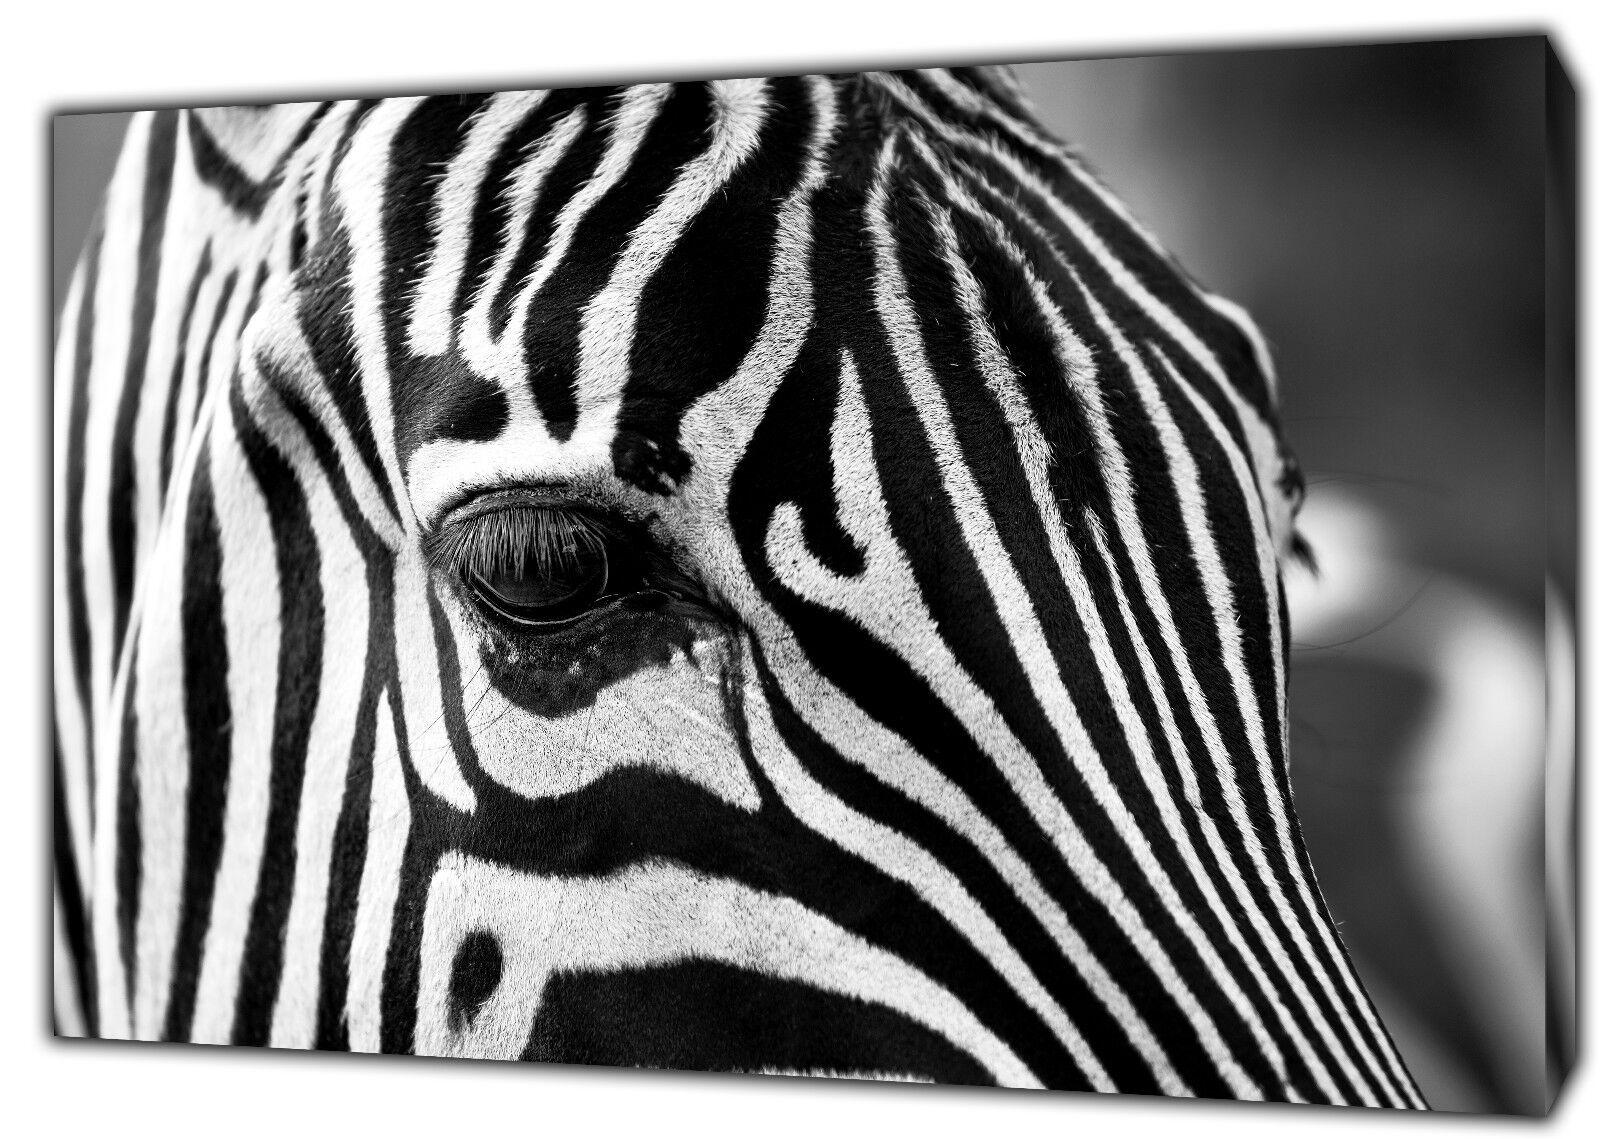 TESTA di Zebra Zebra Zebra Zoom Foto stampa Su Tela Incorniciato Wall Art Decorazione Casa Ufficio b4d8c3